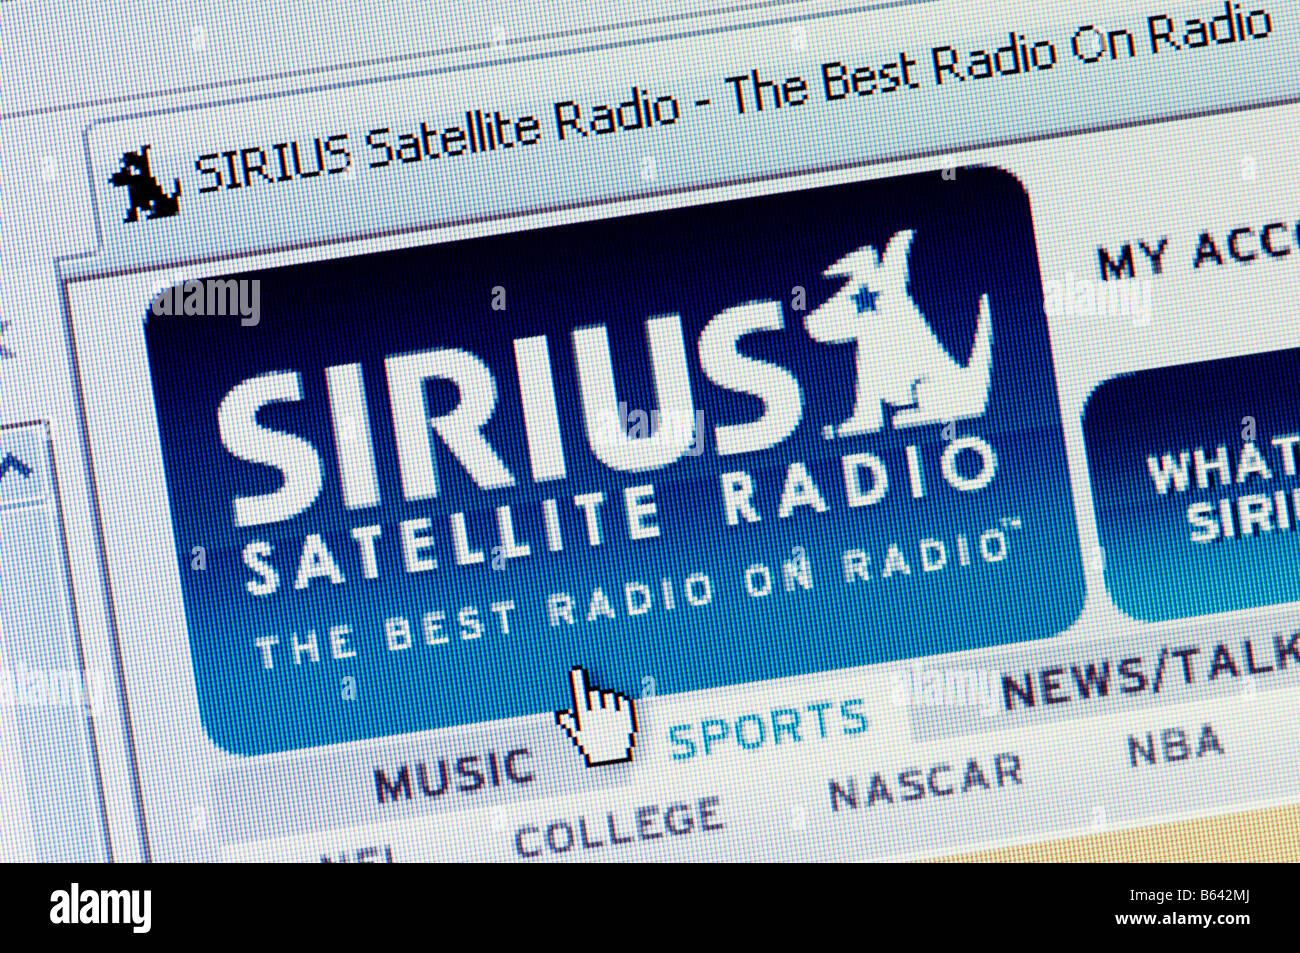 sirius radio christmas station